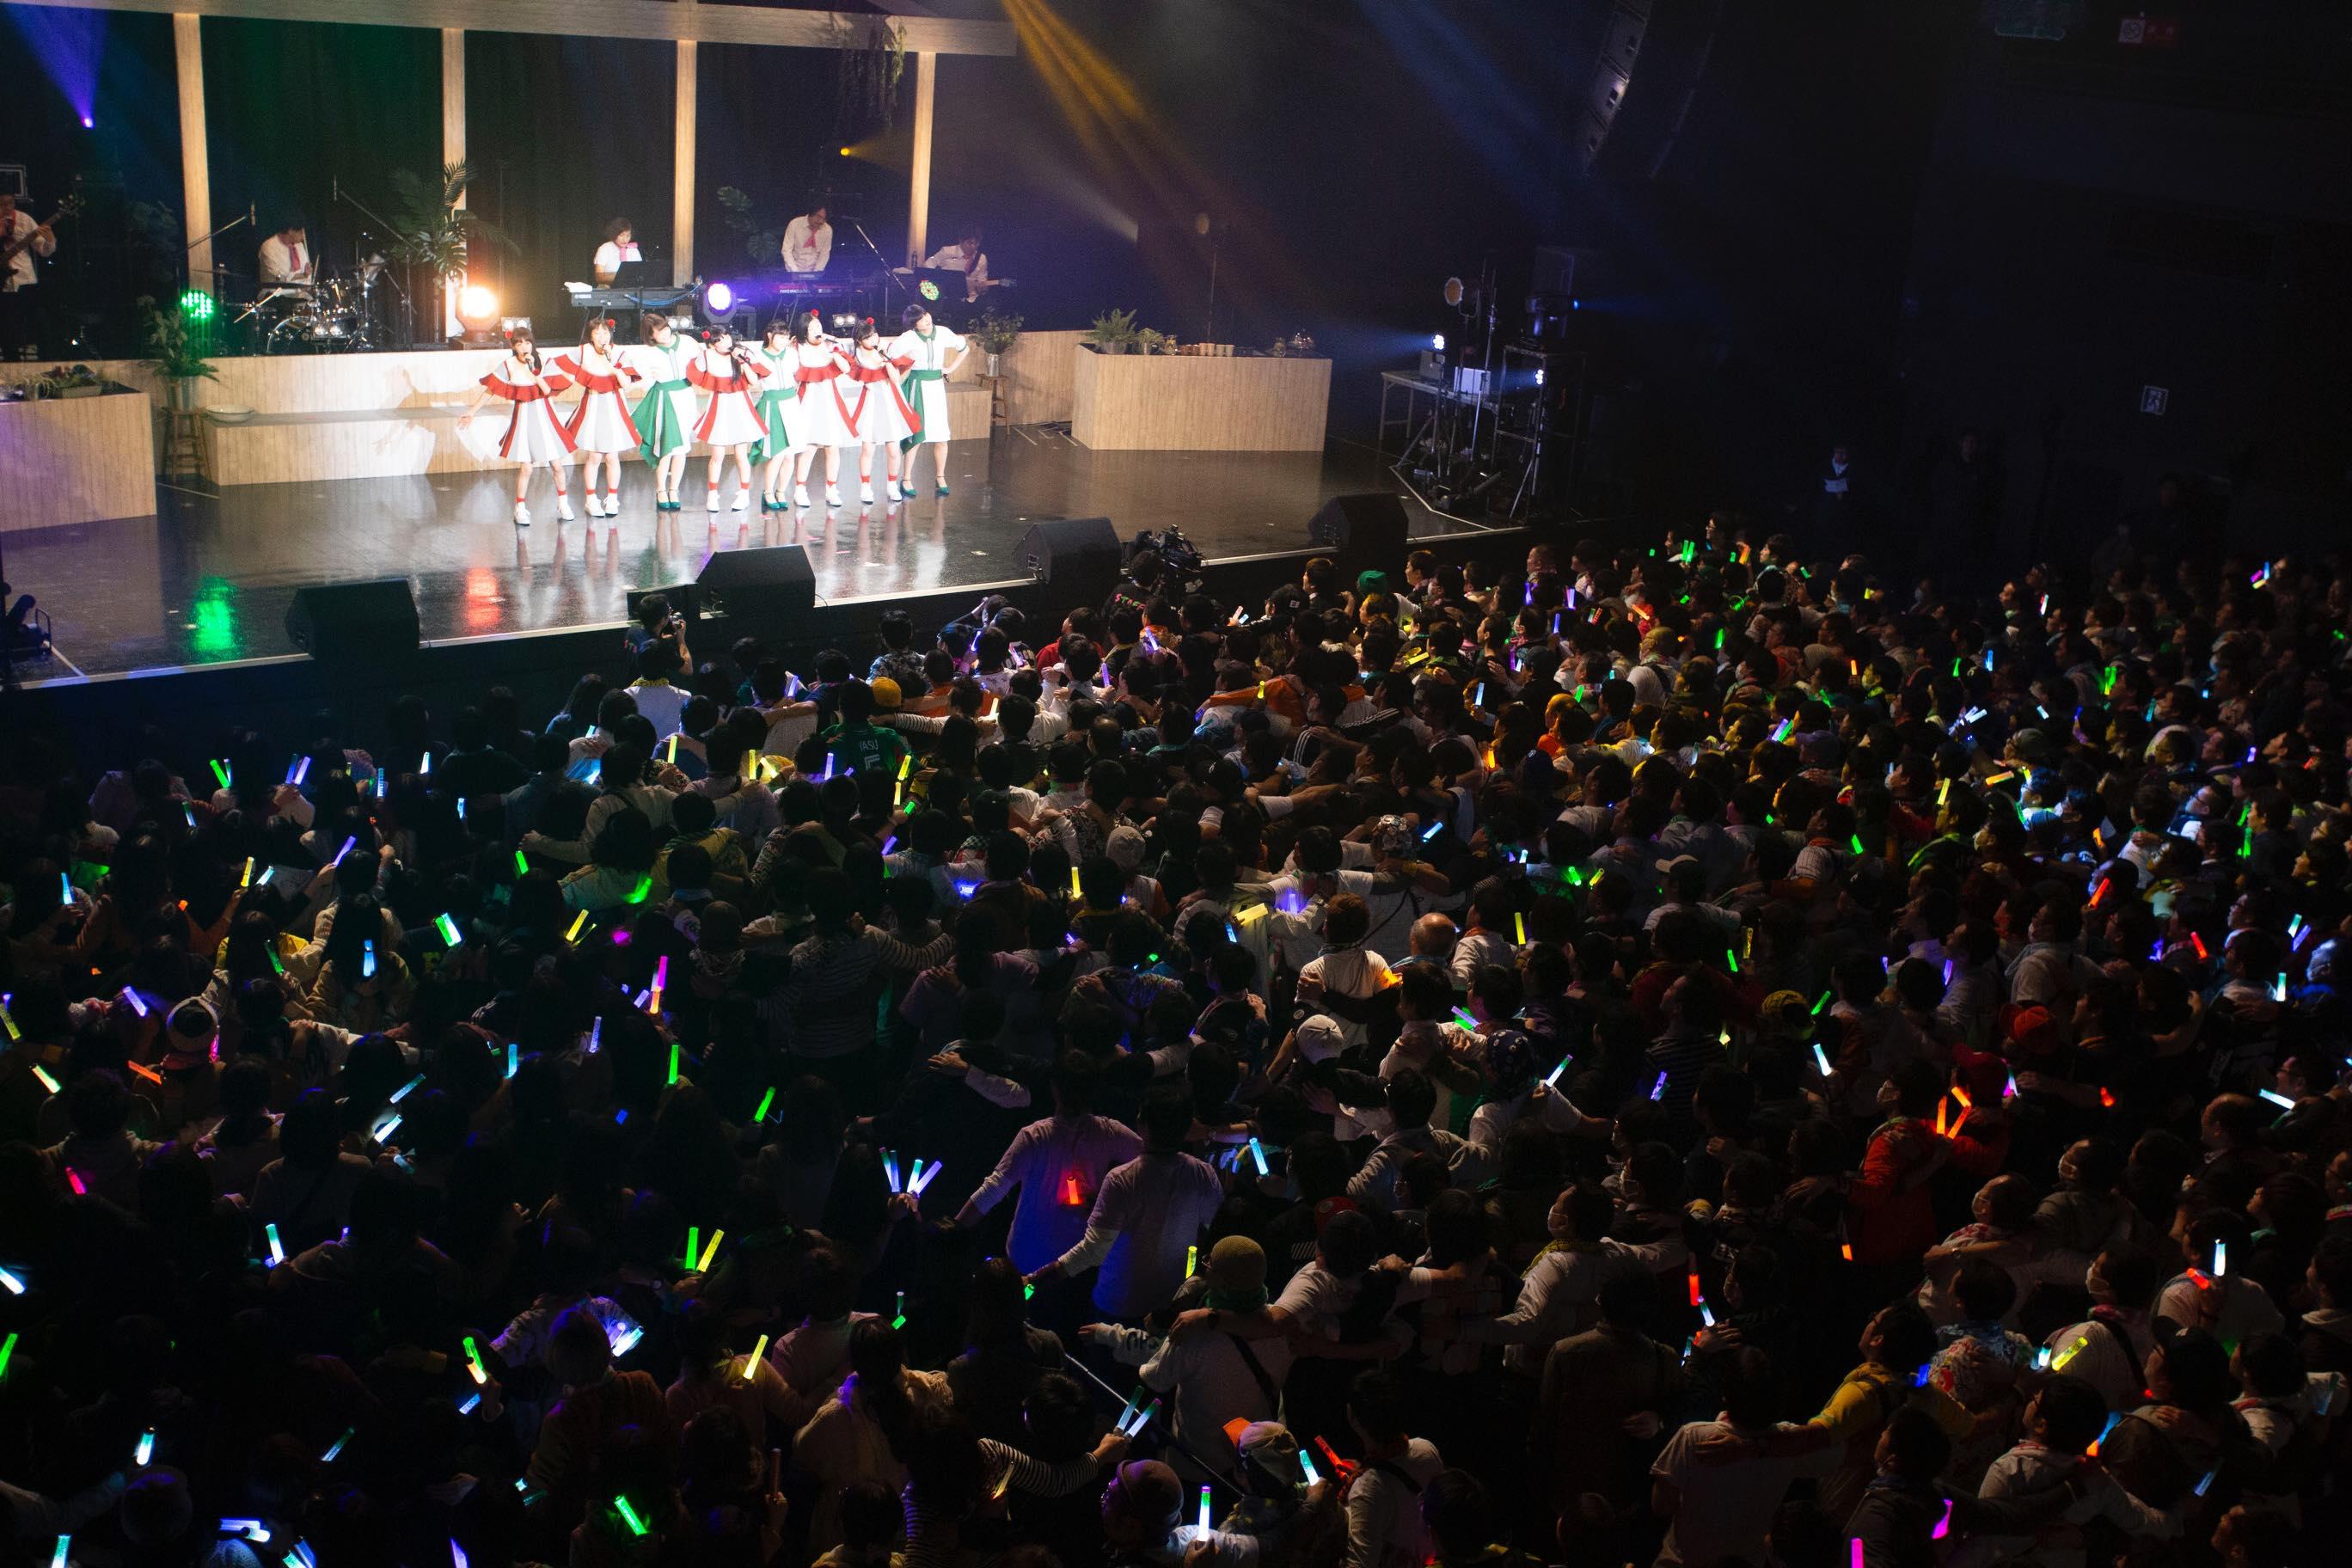 私立恵比寿中学・Negiccoの魅力がバンドで盛り盛り!「エビネギ2」レポート【写真9枚】の画像001